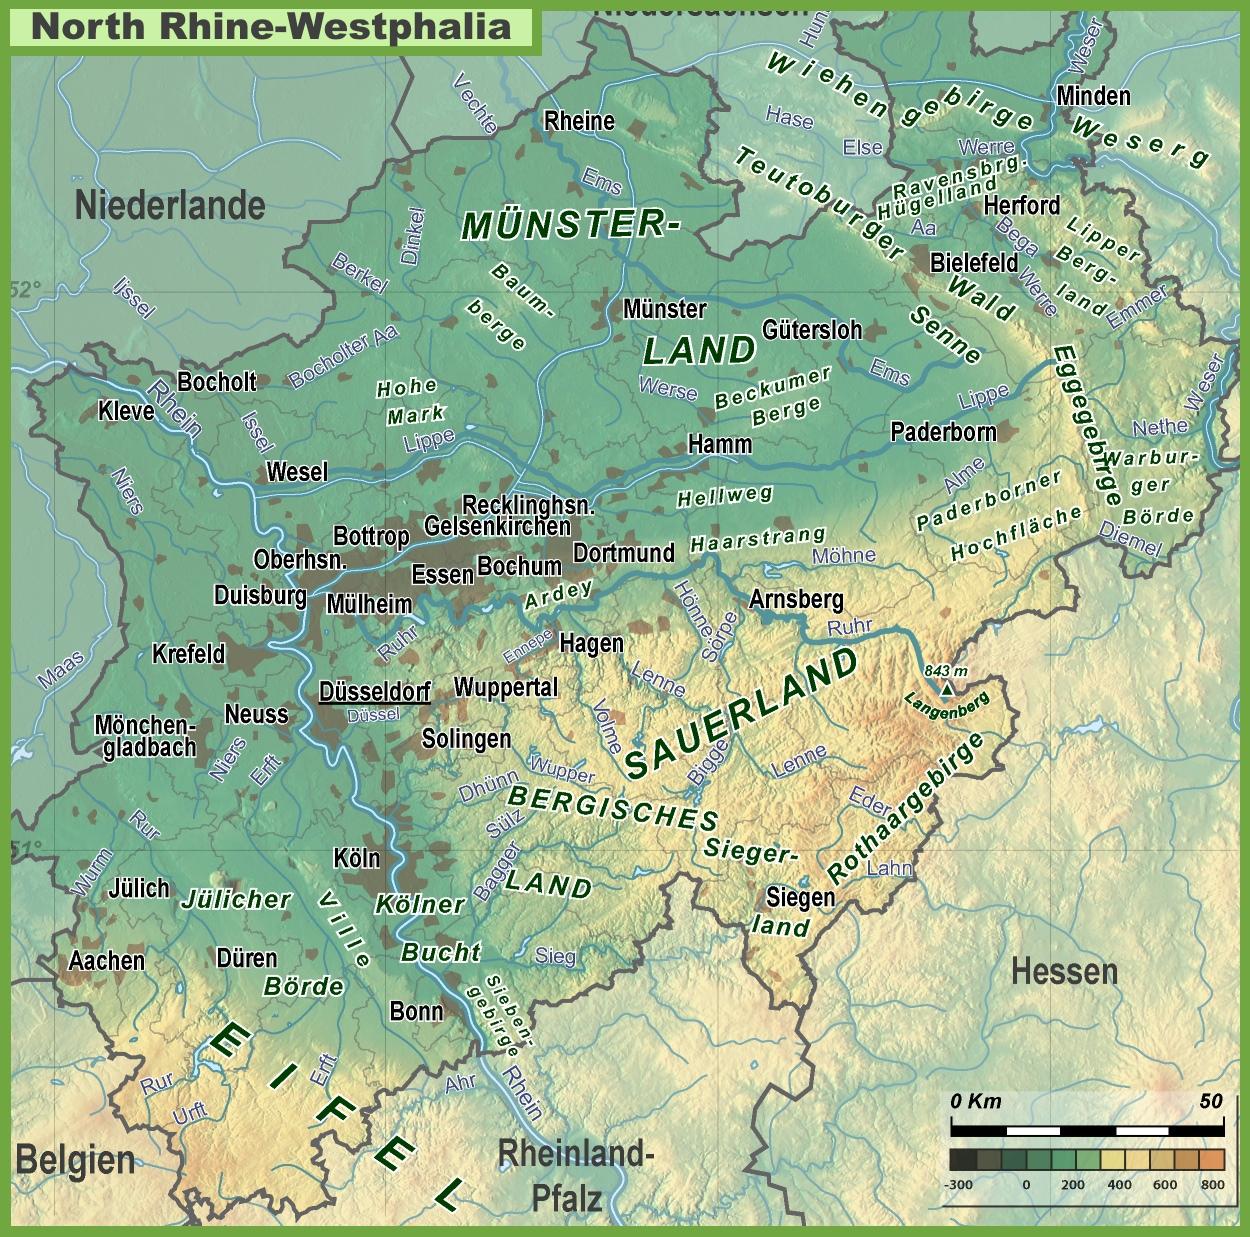 North RhineWestphalia physical map